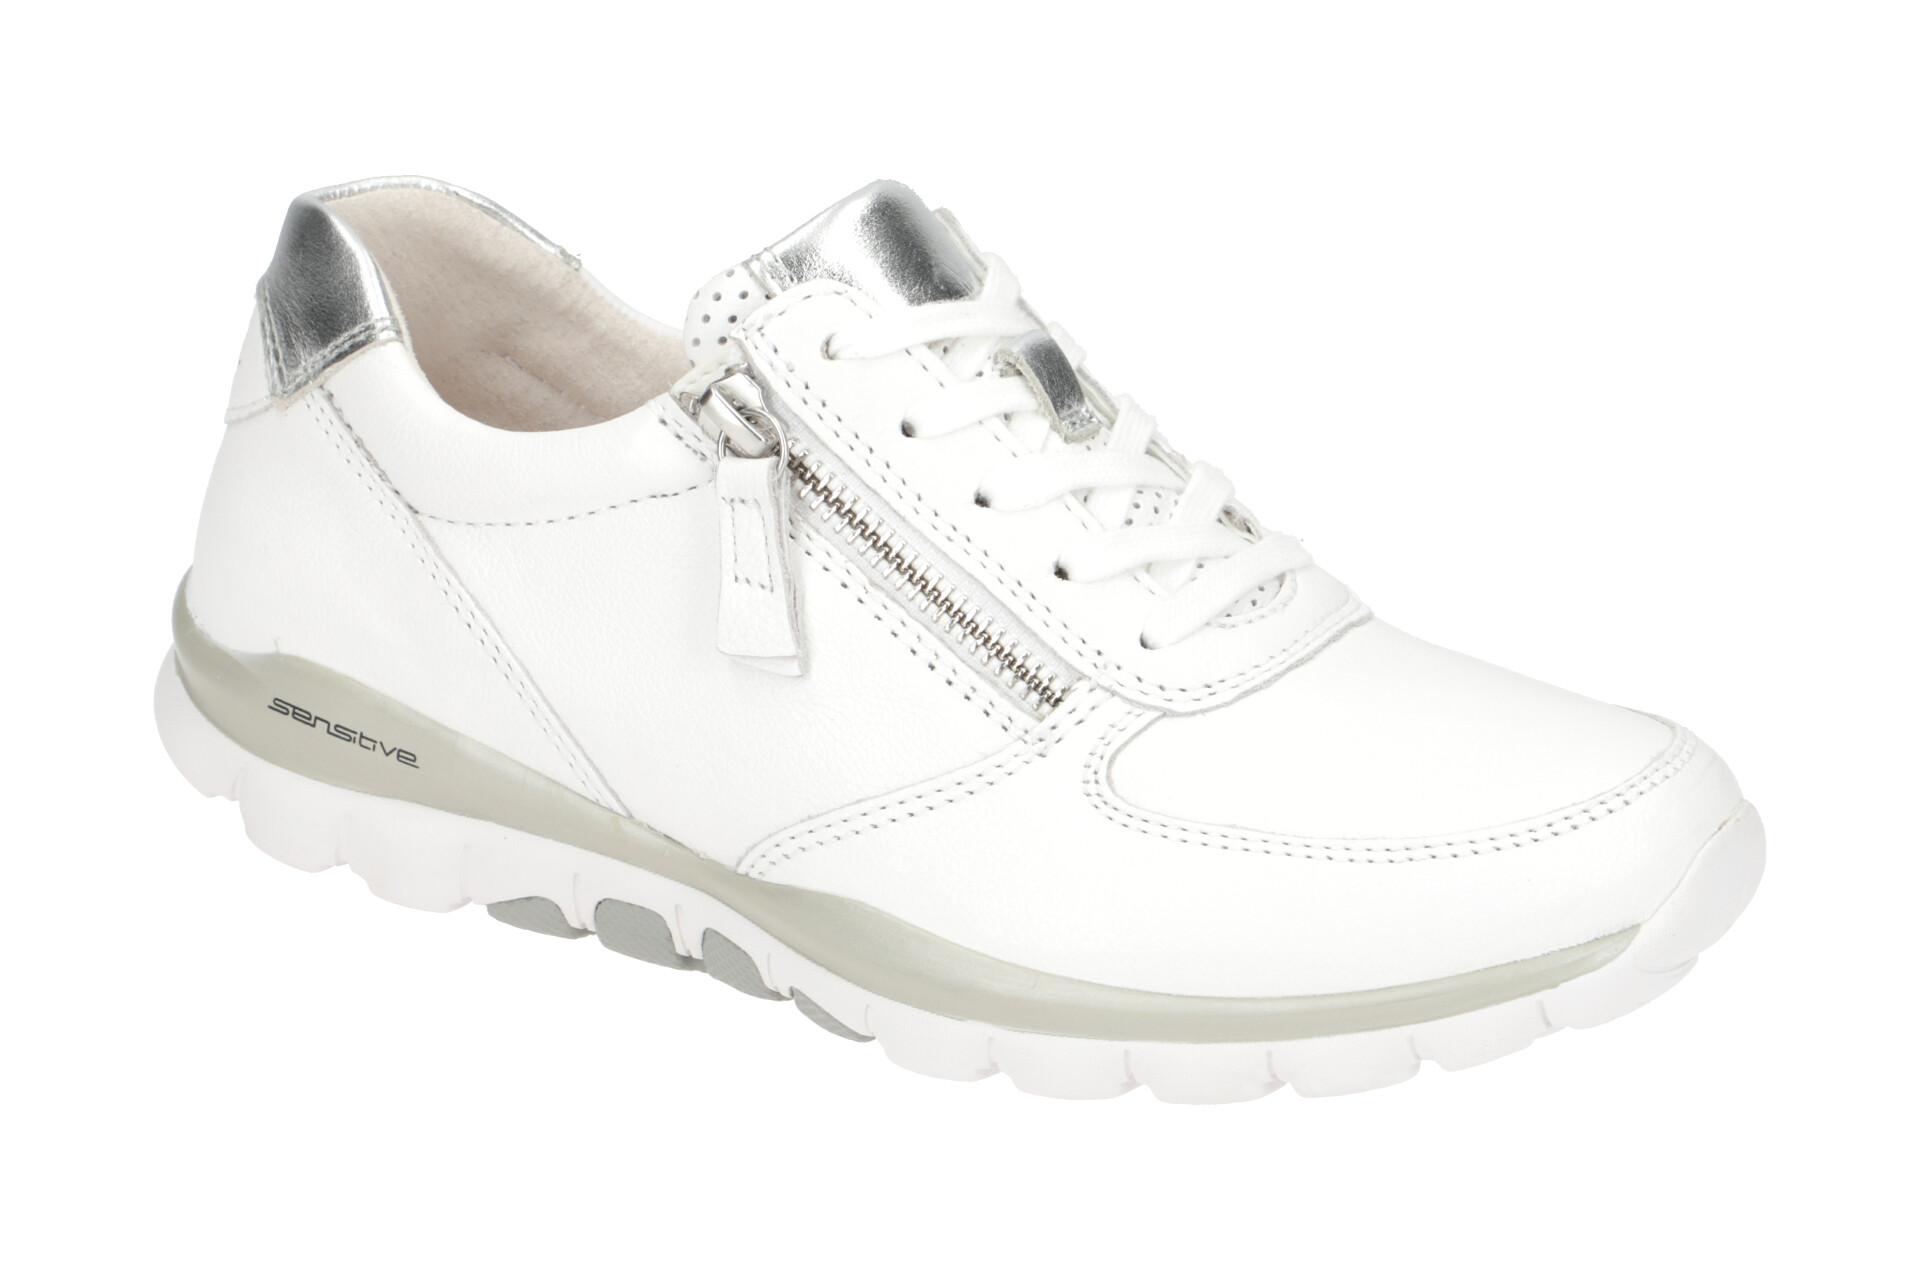 Gabor Comfort Damenschuhe 46.968 Damen Schnürhalbschuhe Sneaker